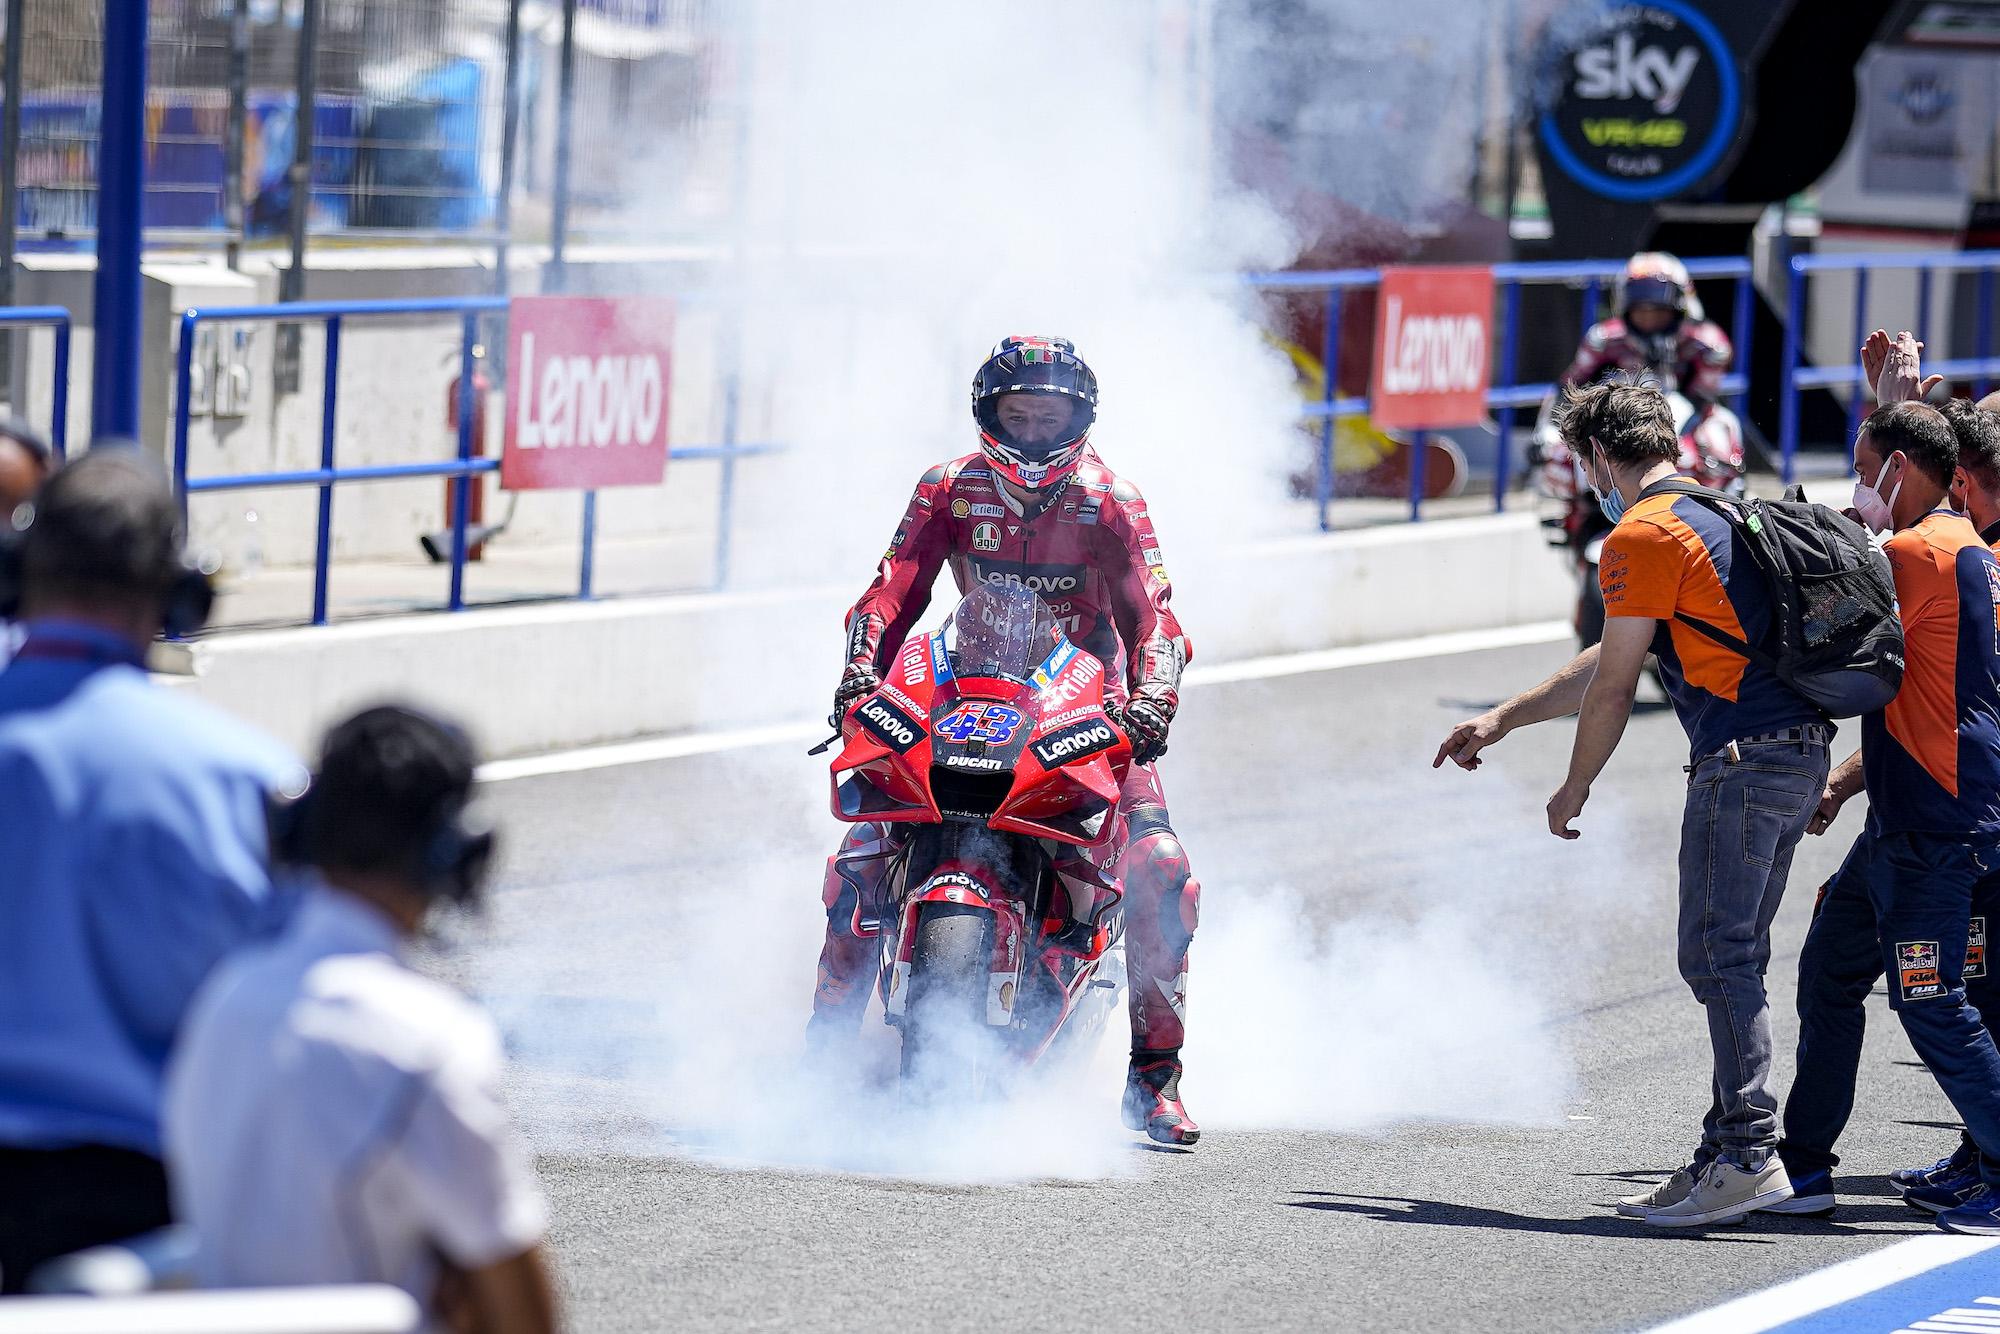 Jack Miller świętujący zwycięstwo w GP Hiszpanii 2021